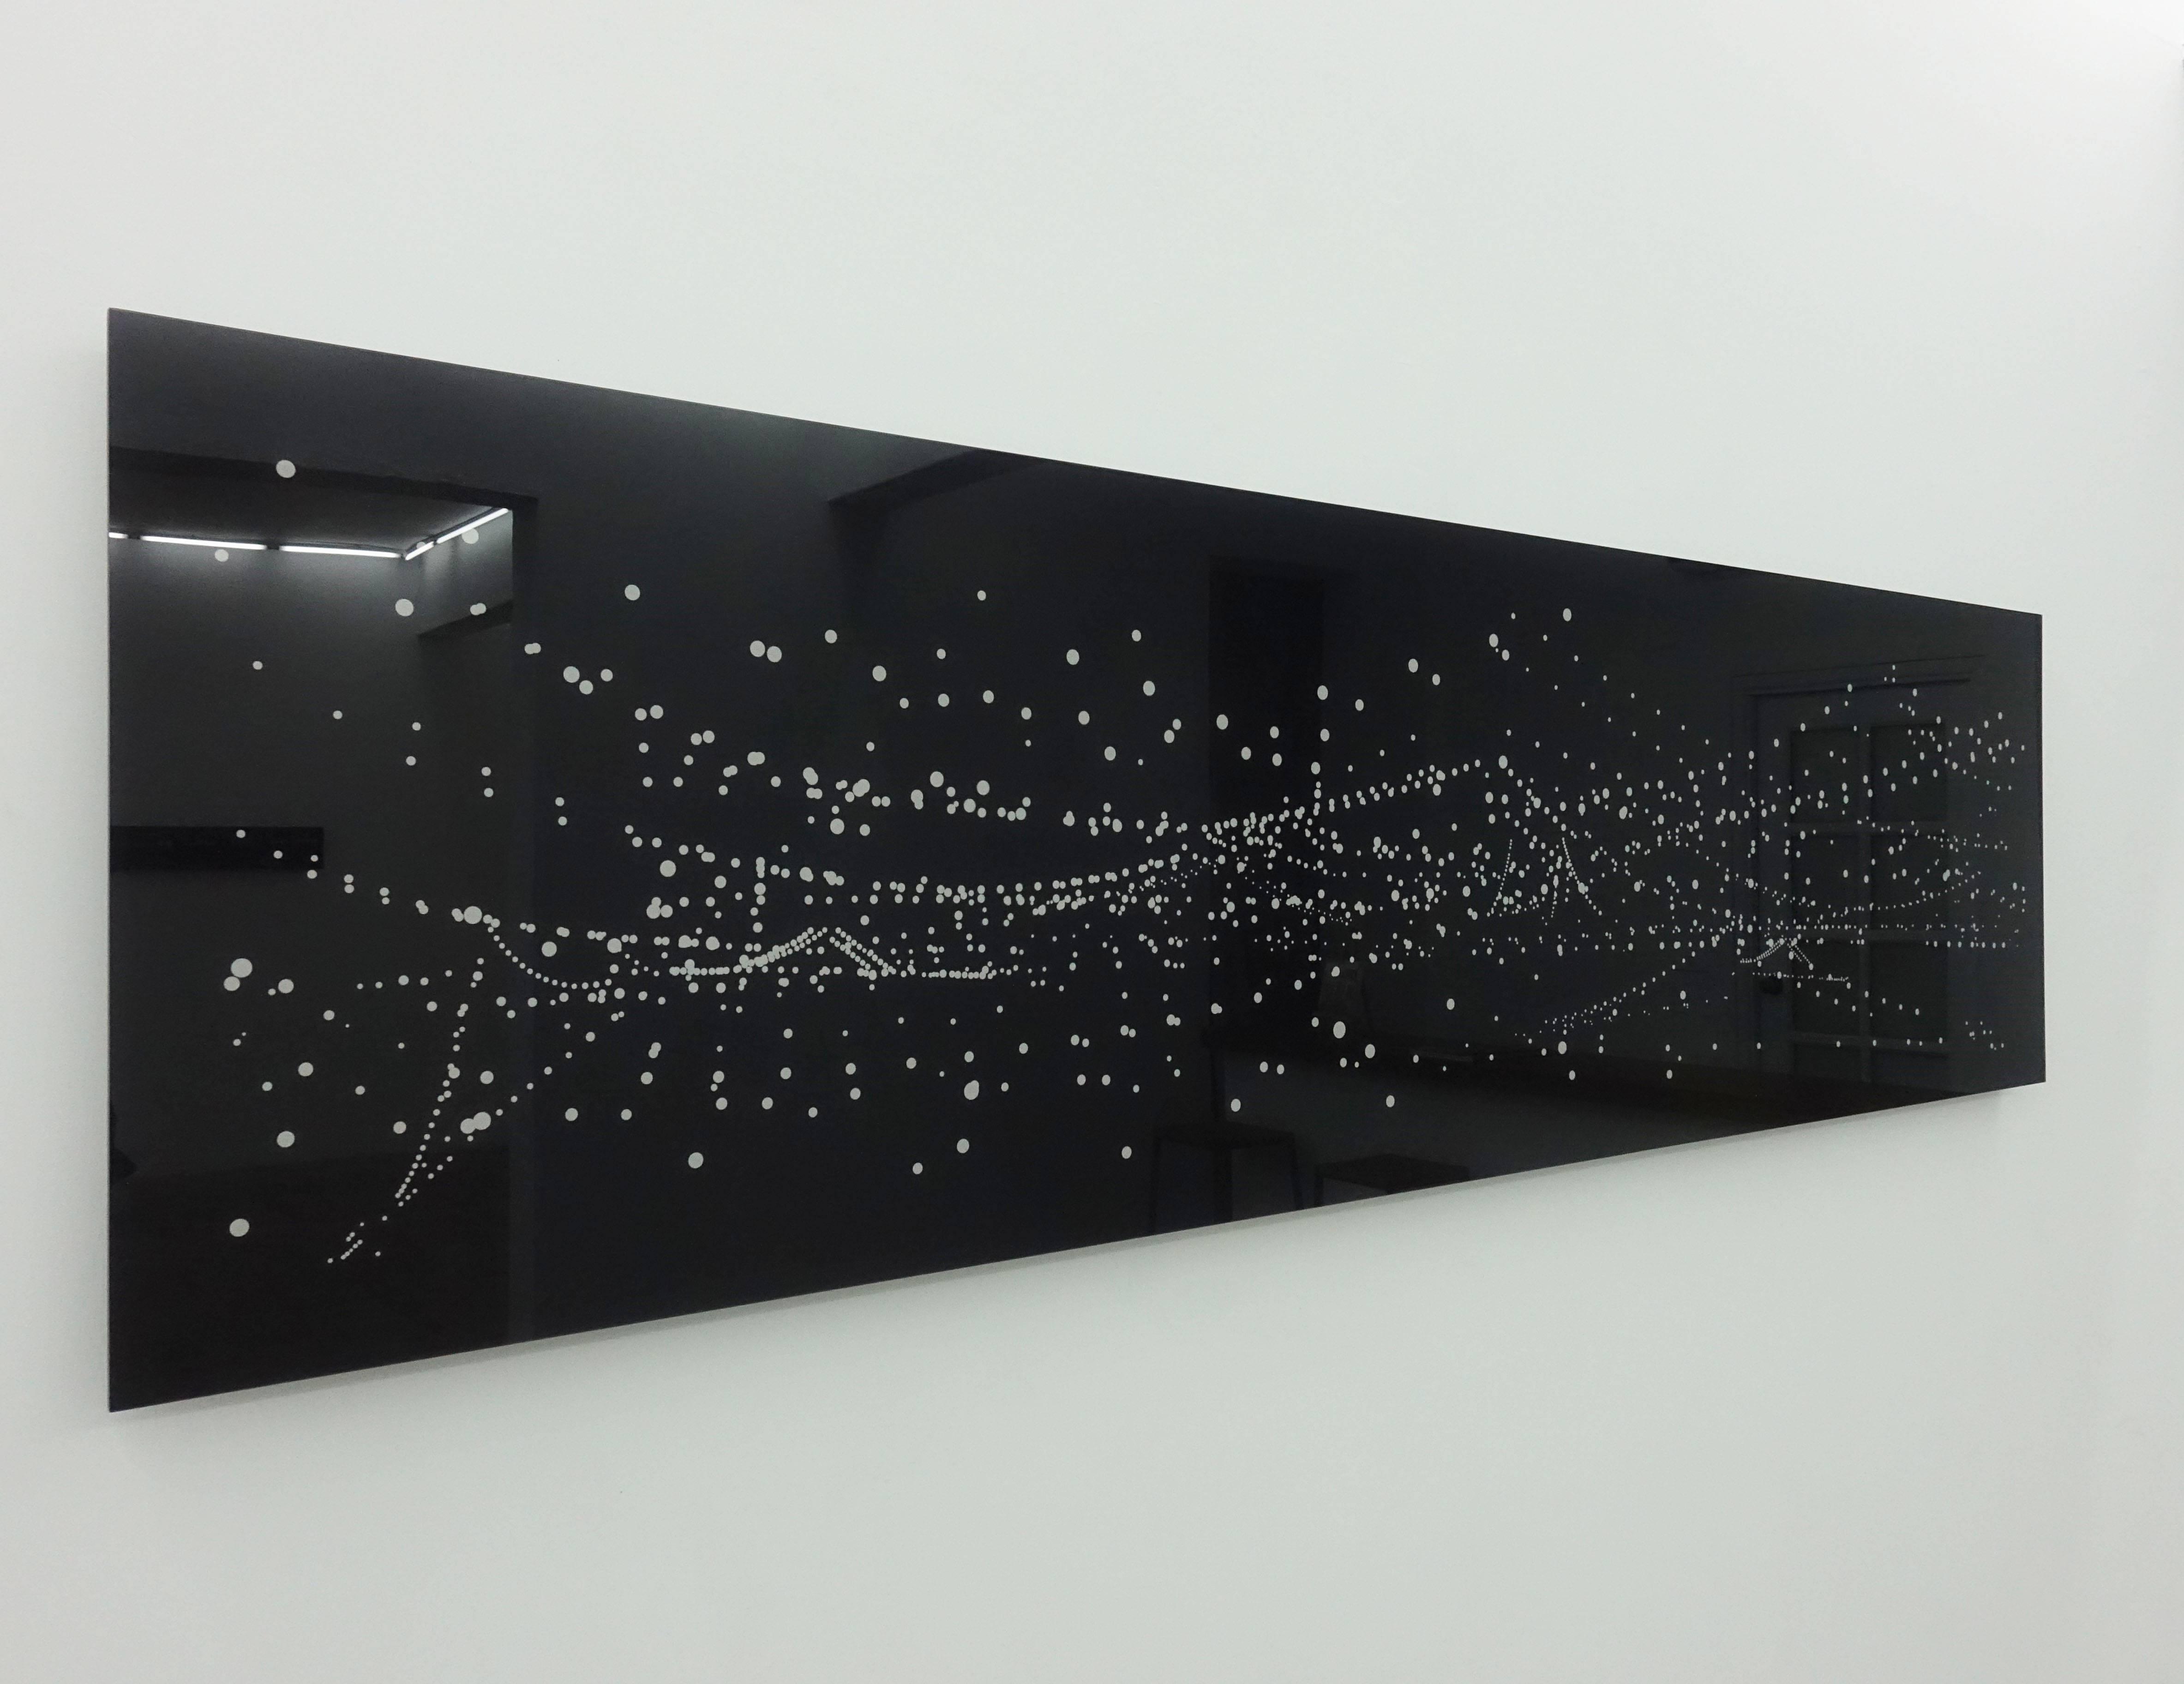 賴珮瑜,《East River》,180x50cm,數位攝影 、數位處理 、 雷射相紙 、強化壓克力,2009。